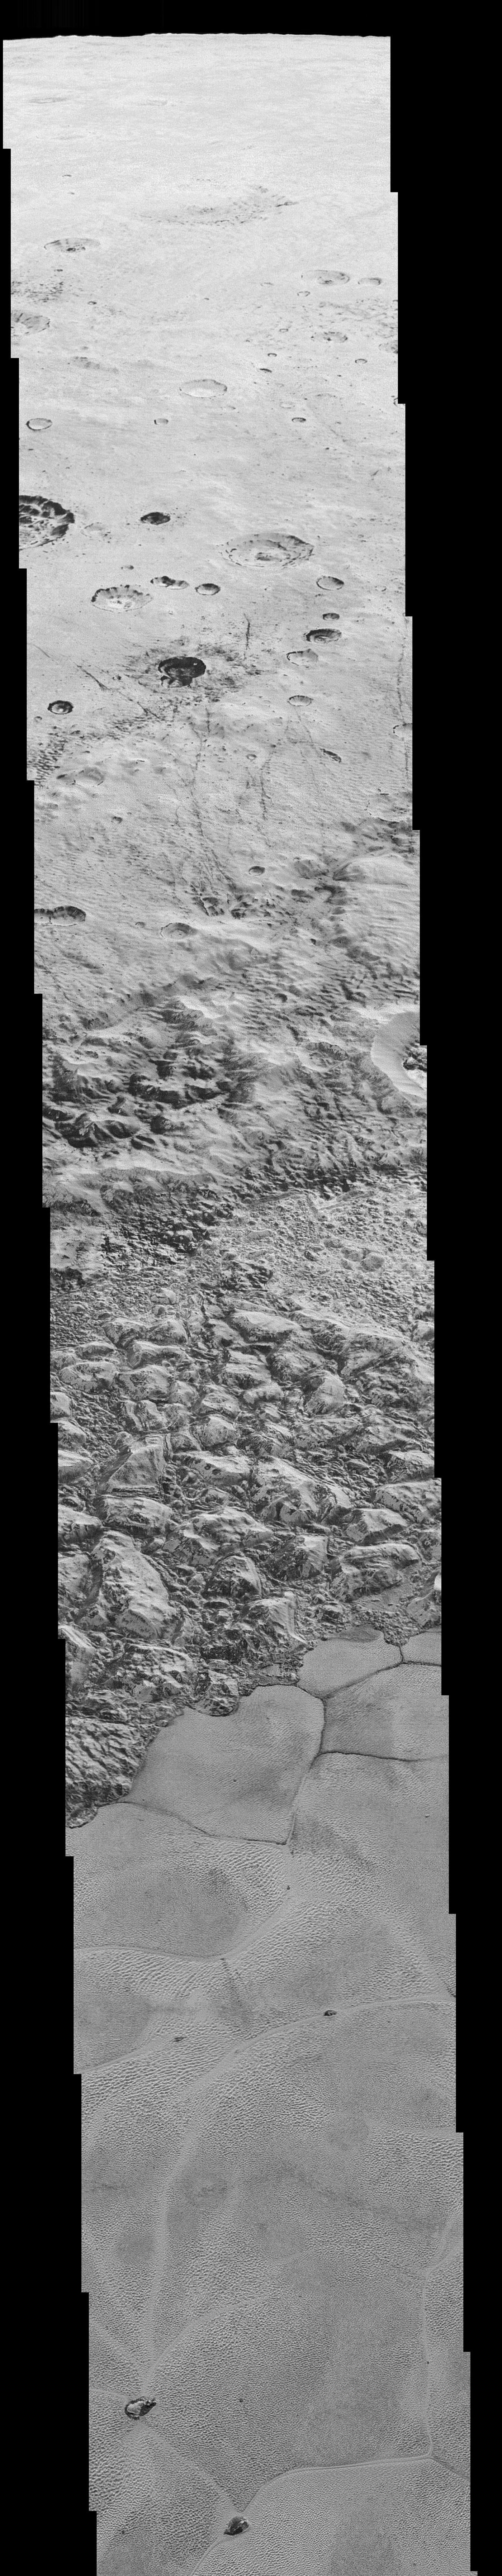 NASA shows the sharpest ever close-up photos of Pluto